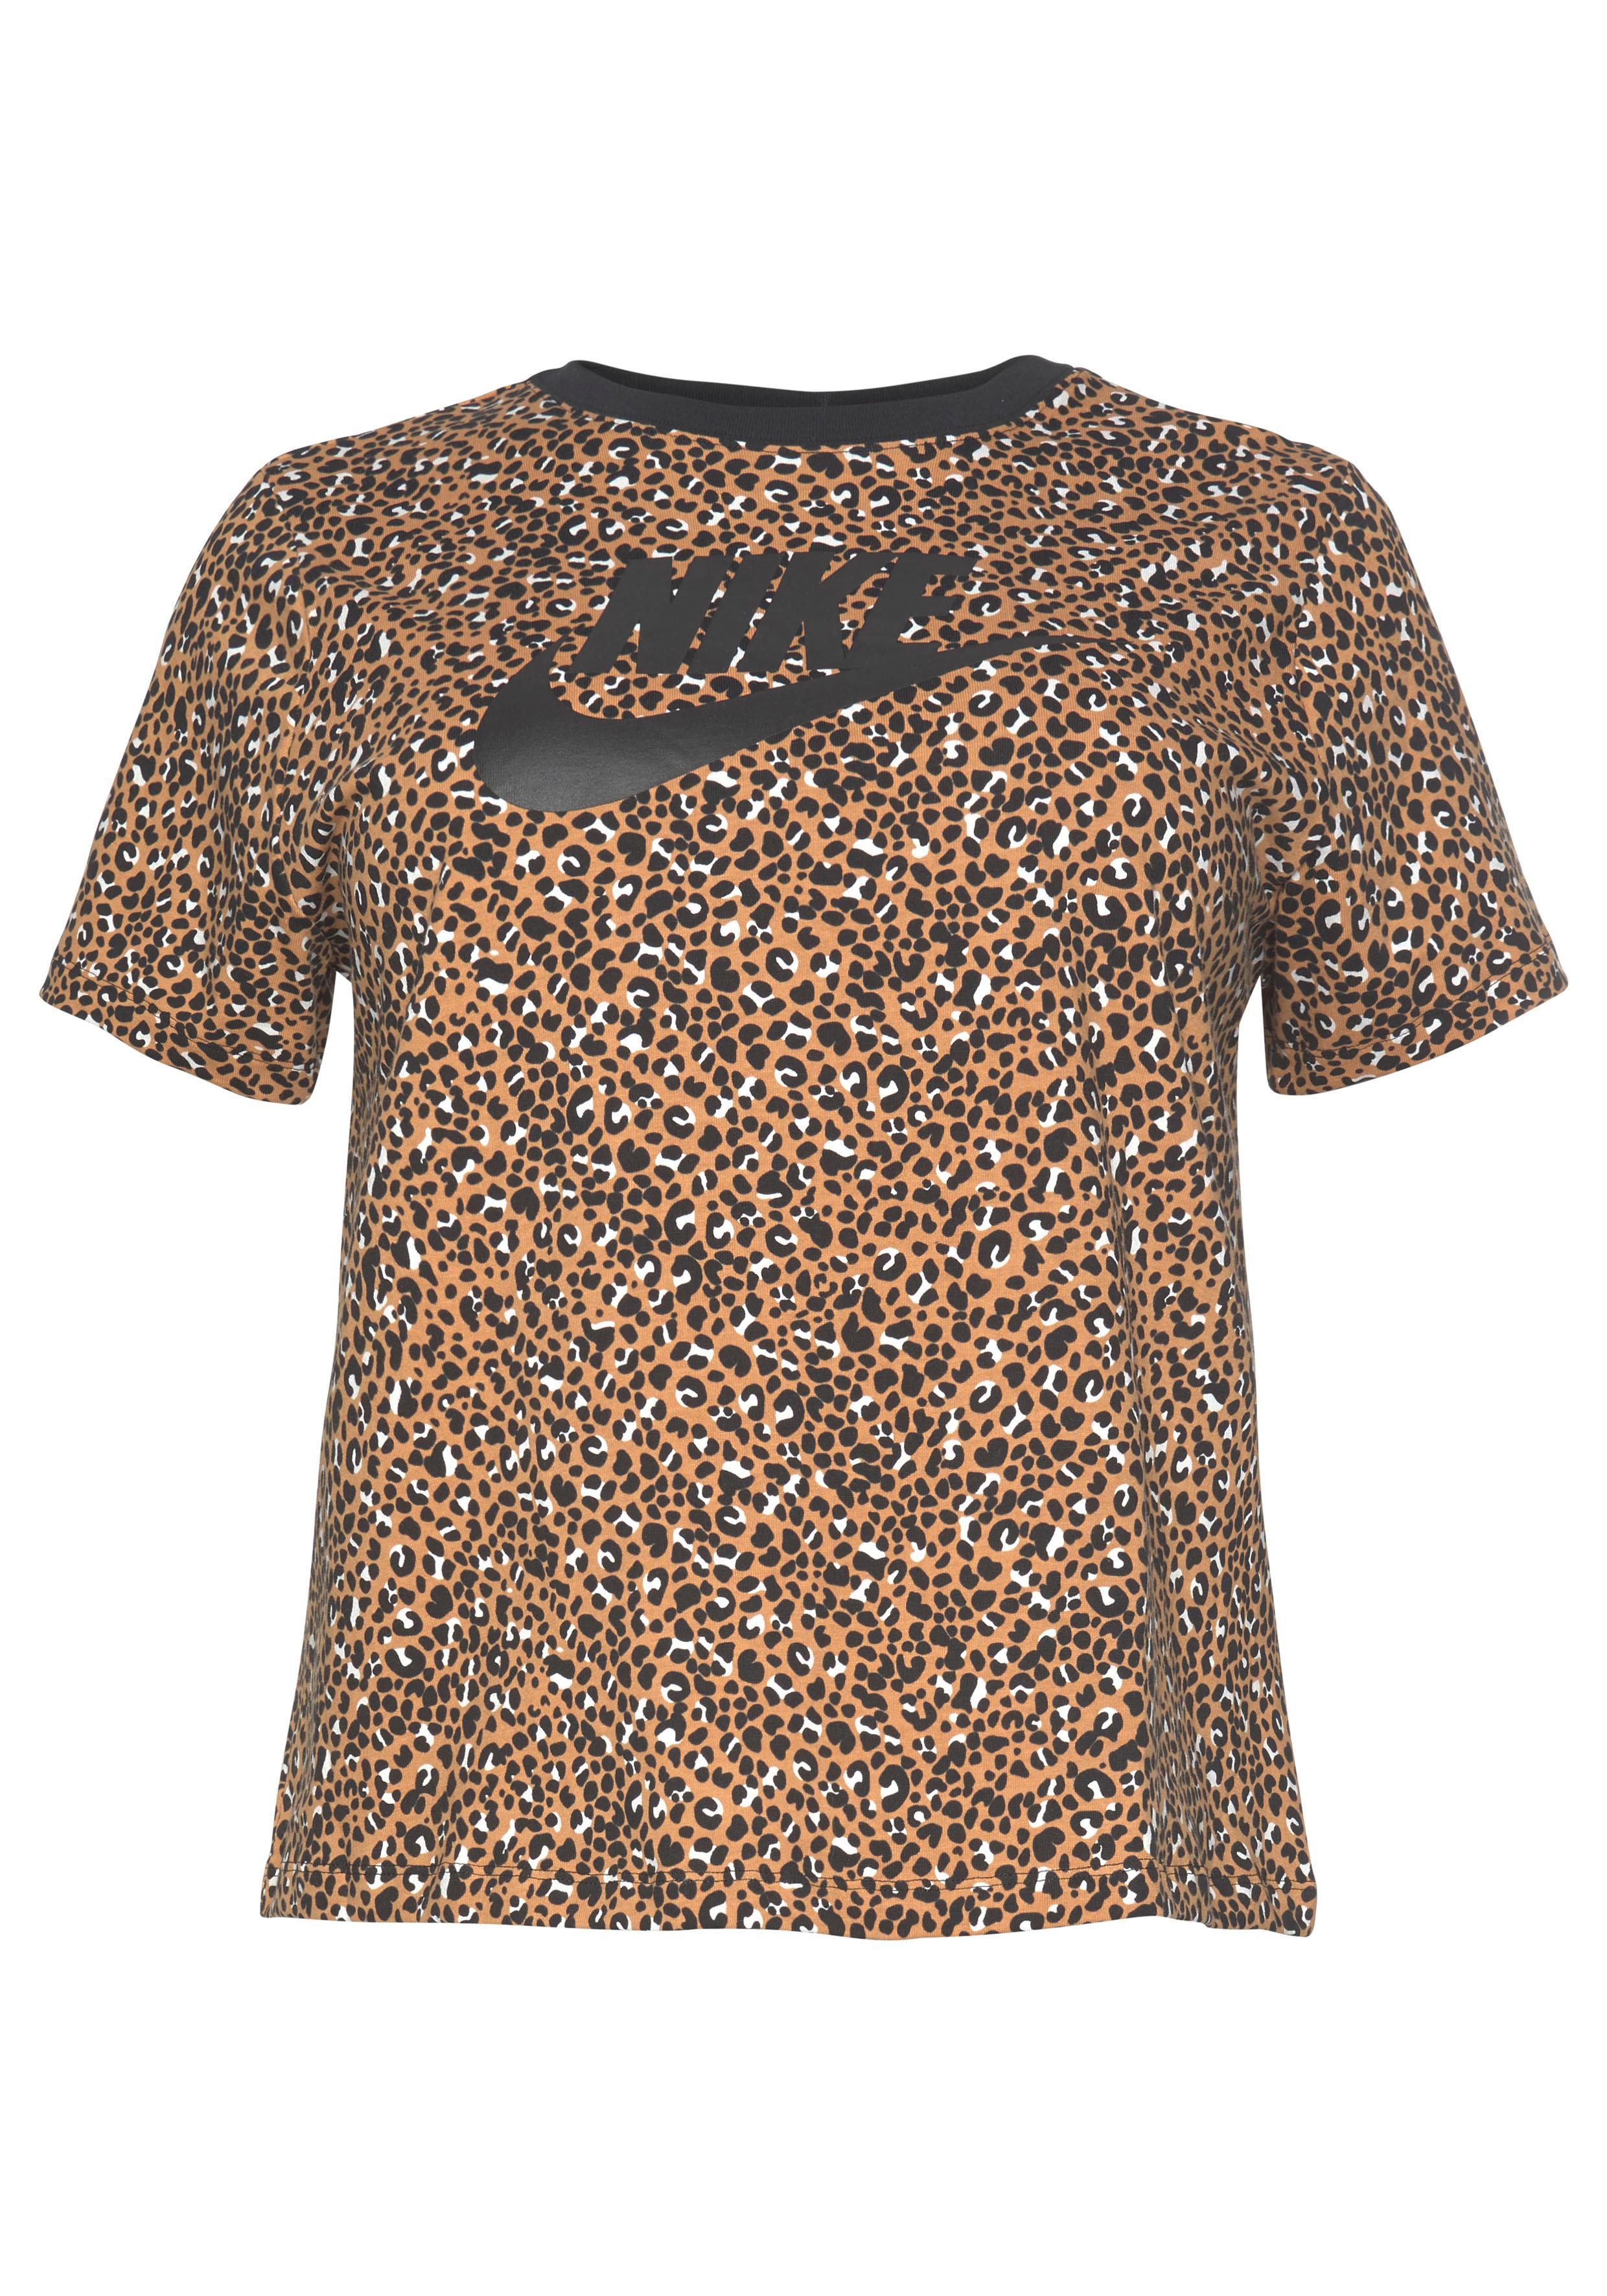 Nike Sportswear T-Shirt WOMEN NIKE SPORTSWEAR TOP SHORTSLEEVE PLUS SIZE | Sportbekleidung > Sporthosen | Bunt | Nike Sportswear